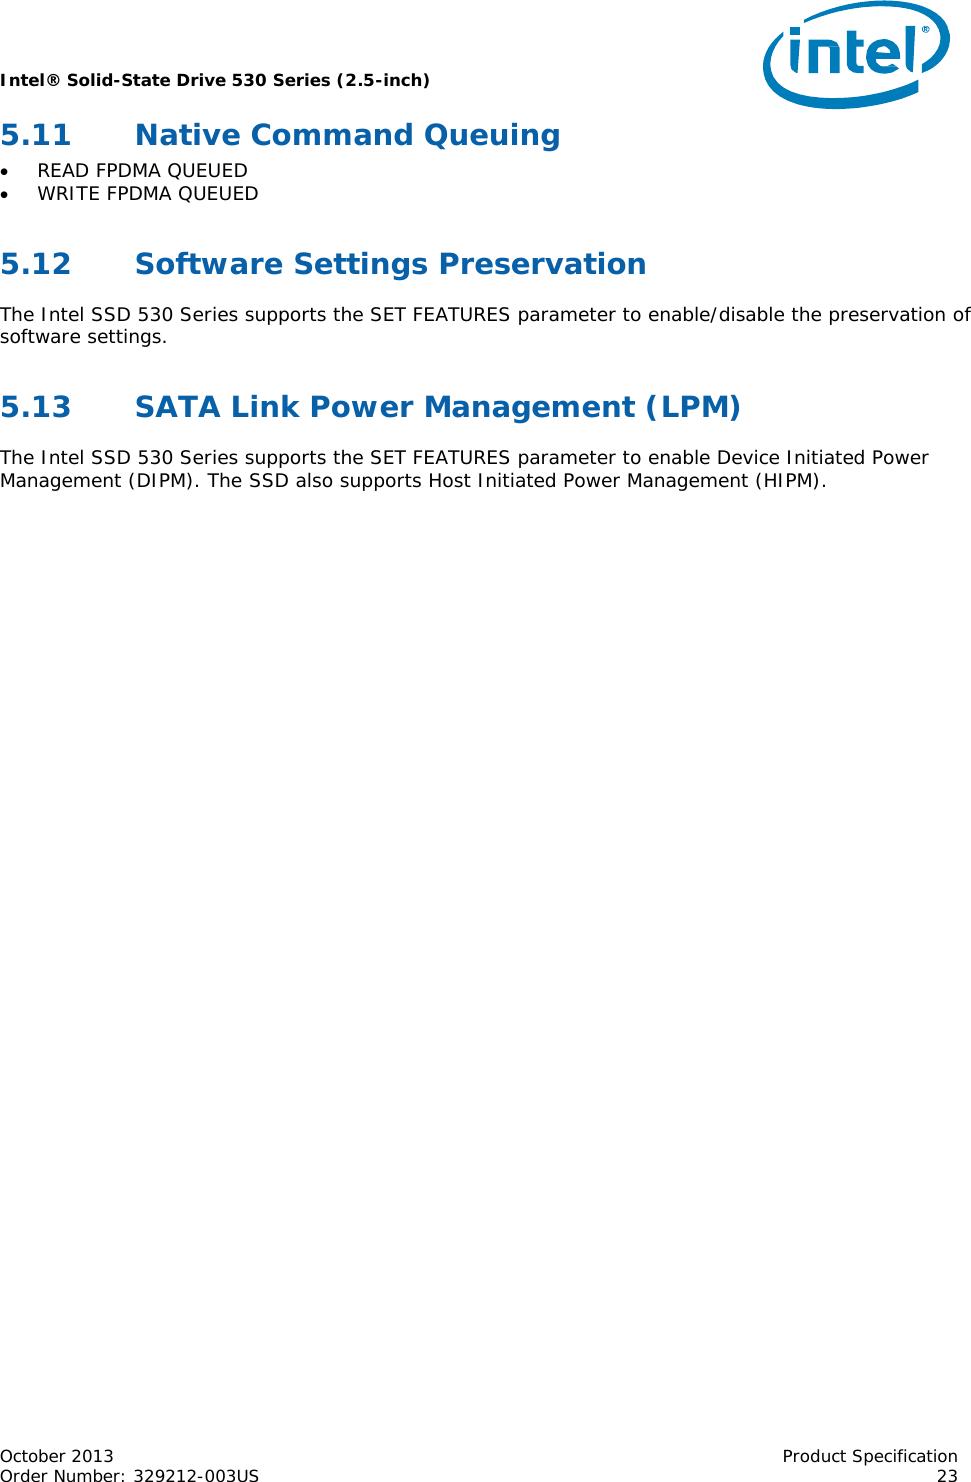 Intel Oem 180Gb 530 2 5In Ssdsc2Bw180A4 Users Manual Intel